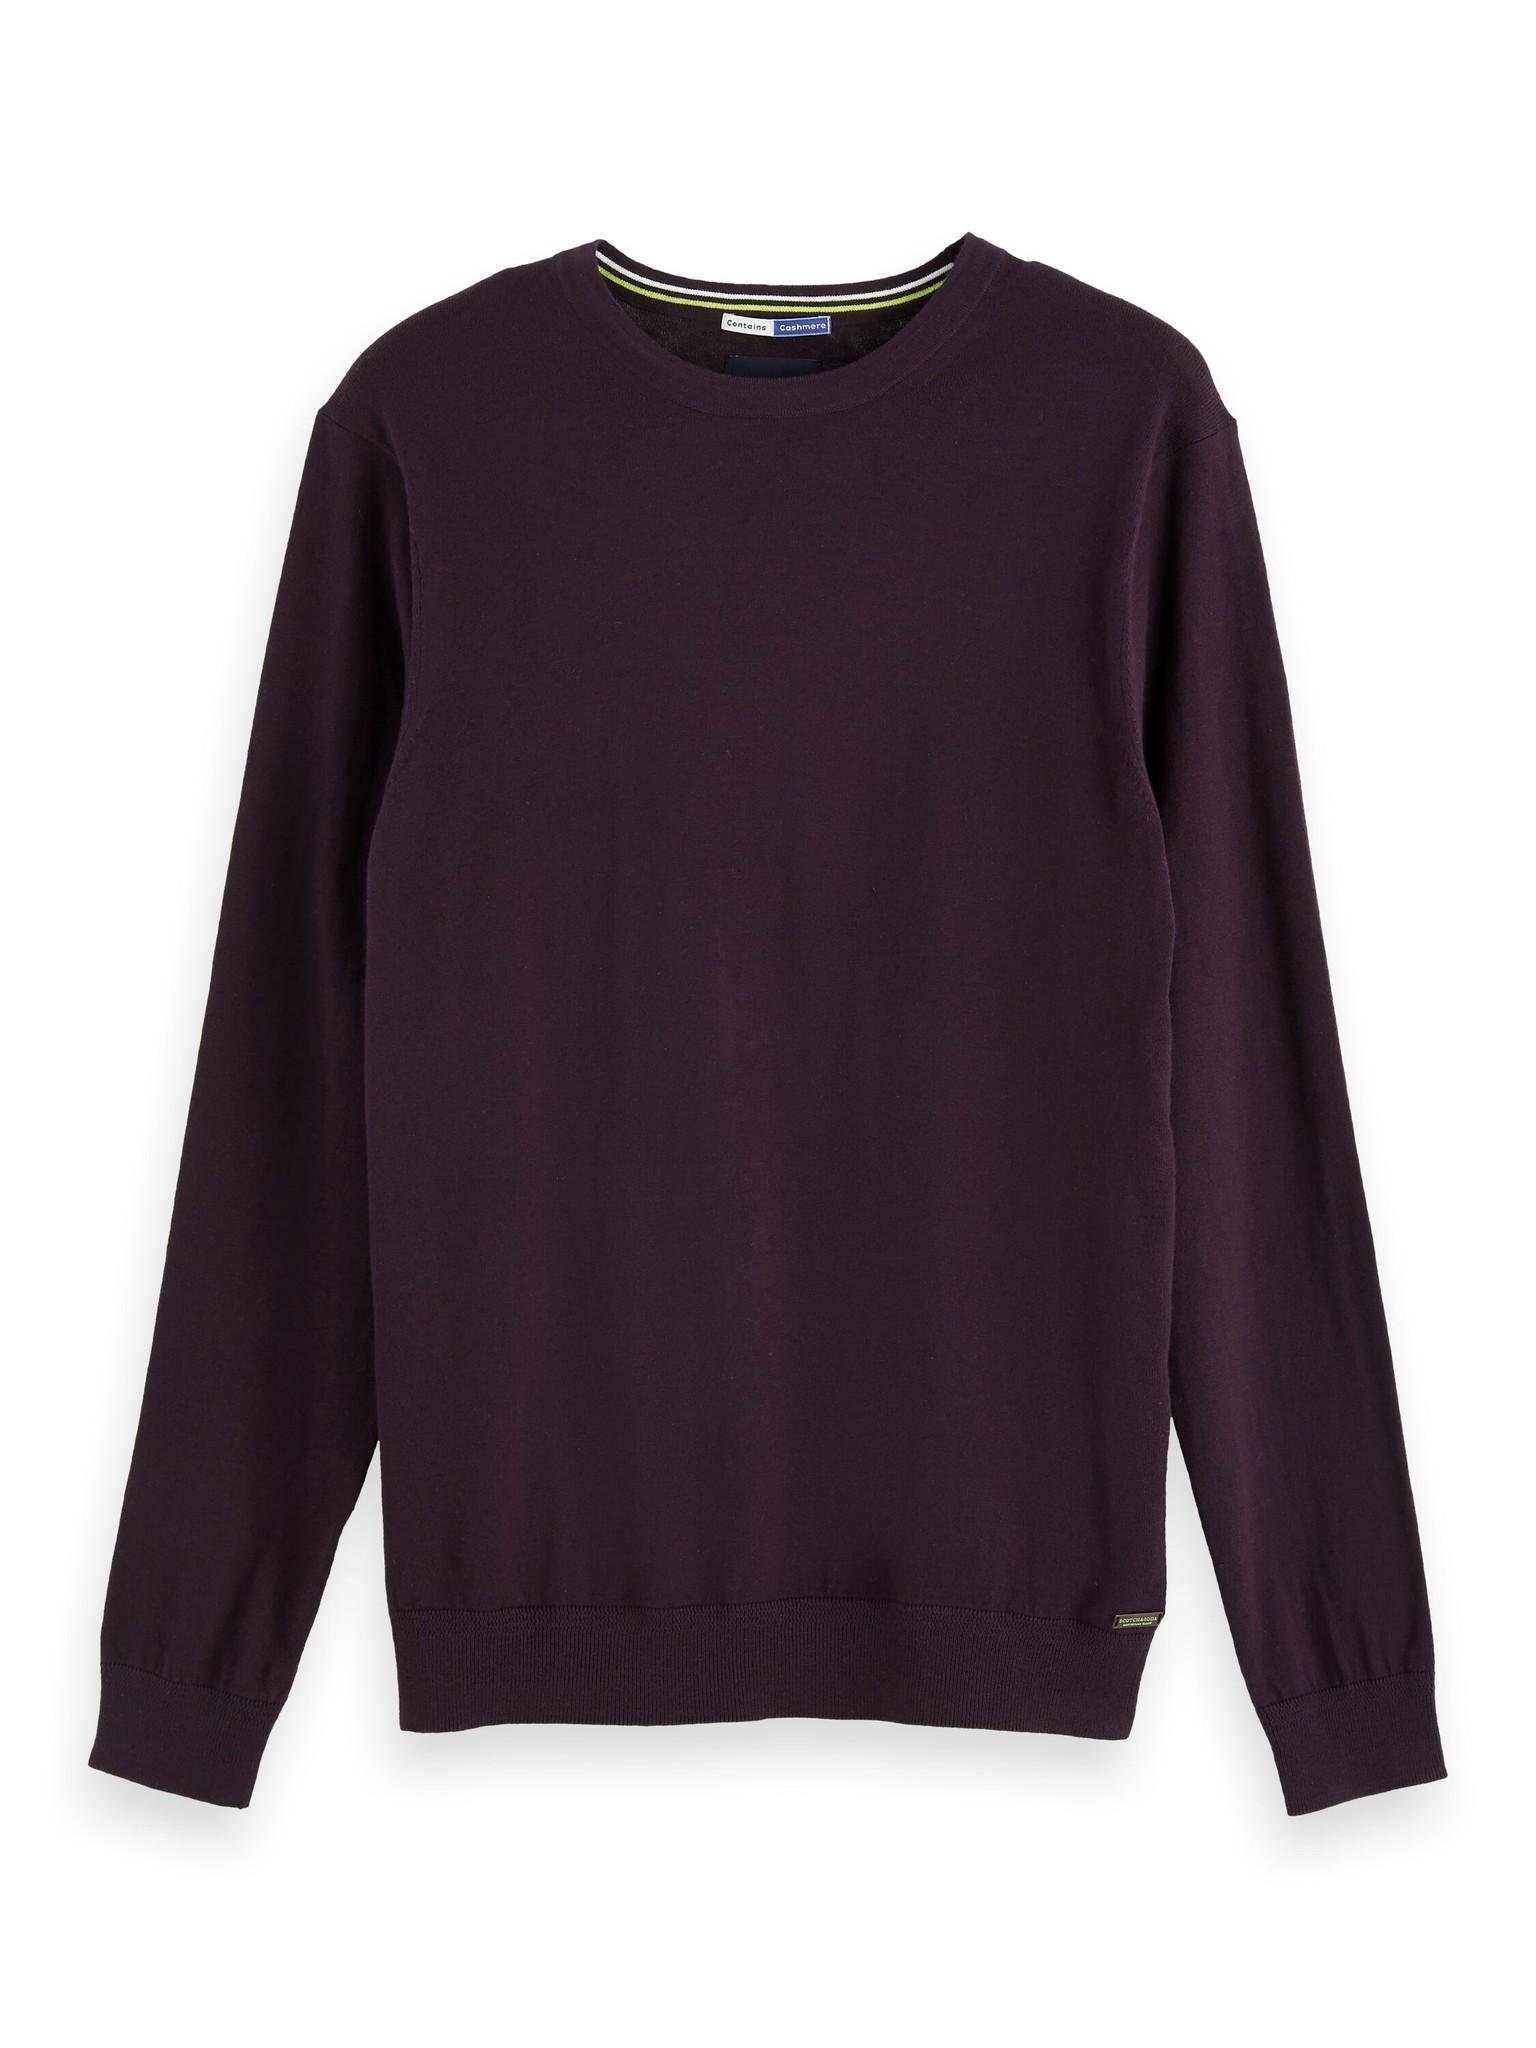 Scotch & Soda Cotton Cashmere Pullover